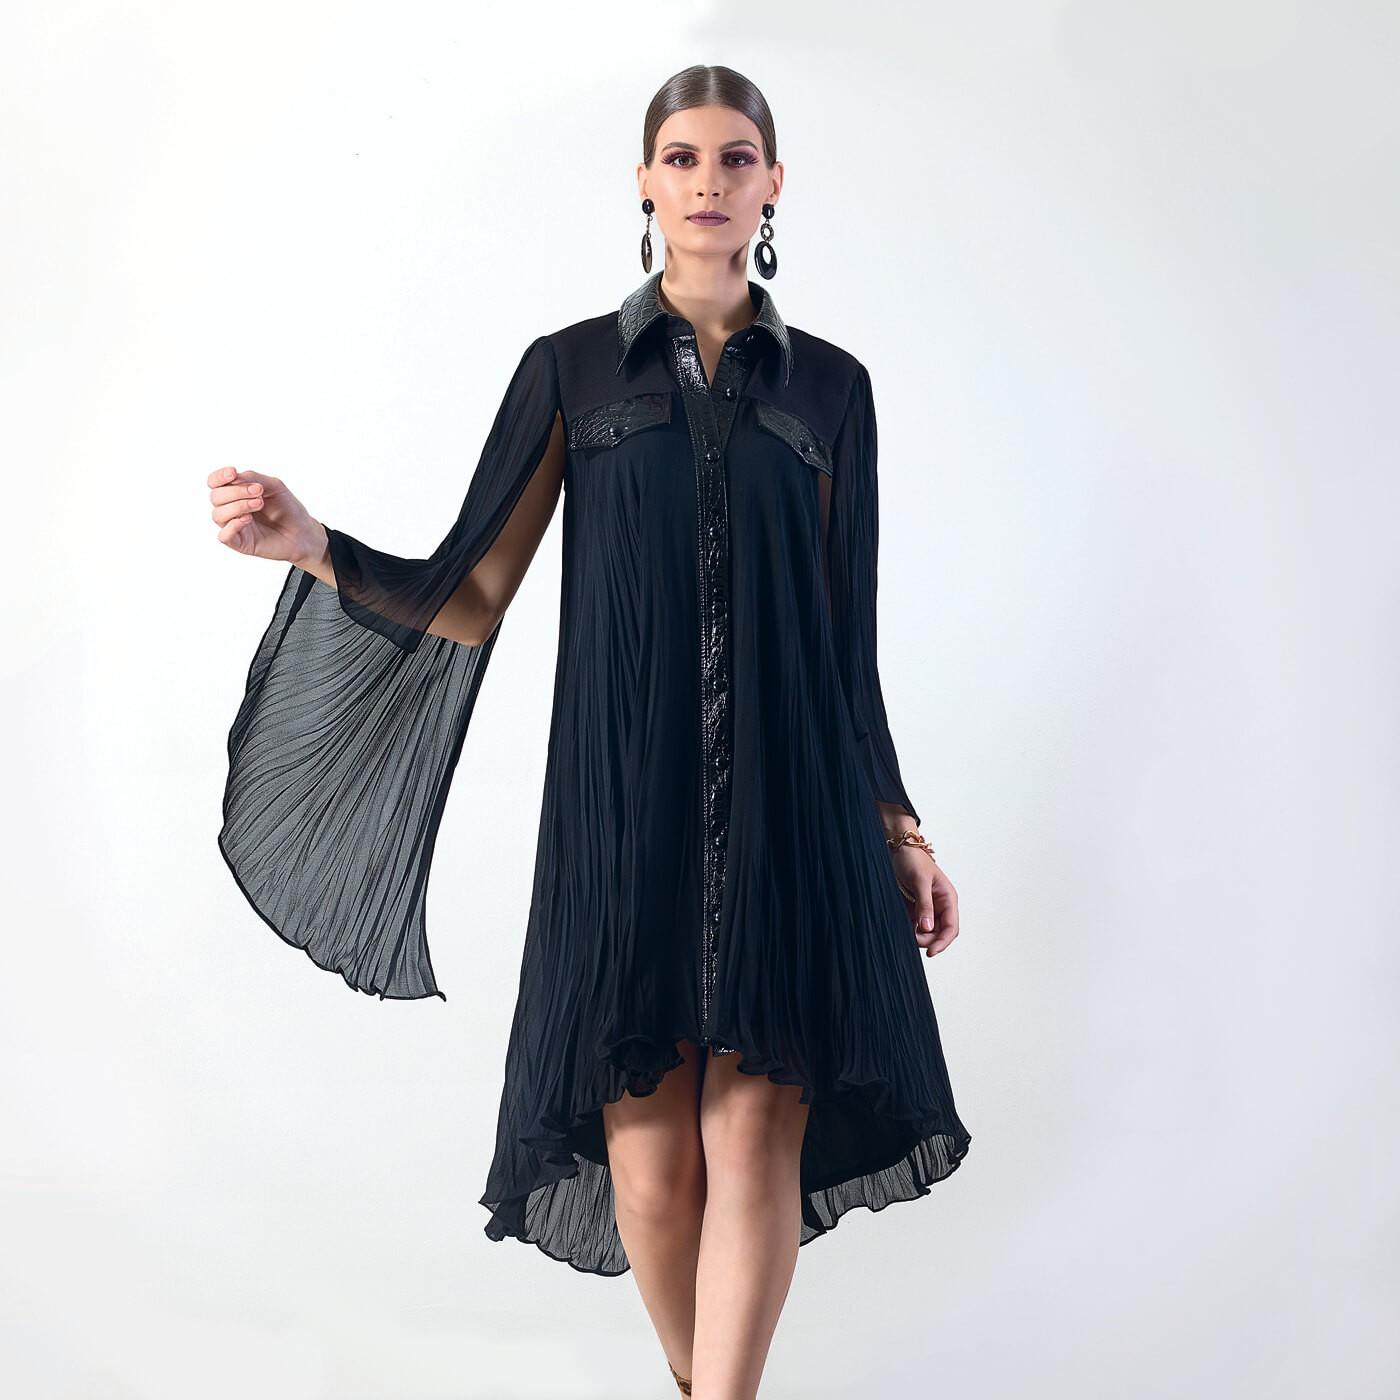 Vestido camisa Lika com detalhes em croco